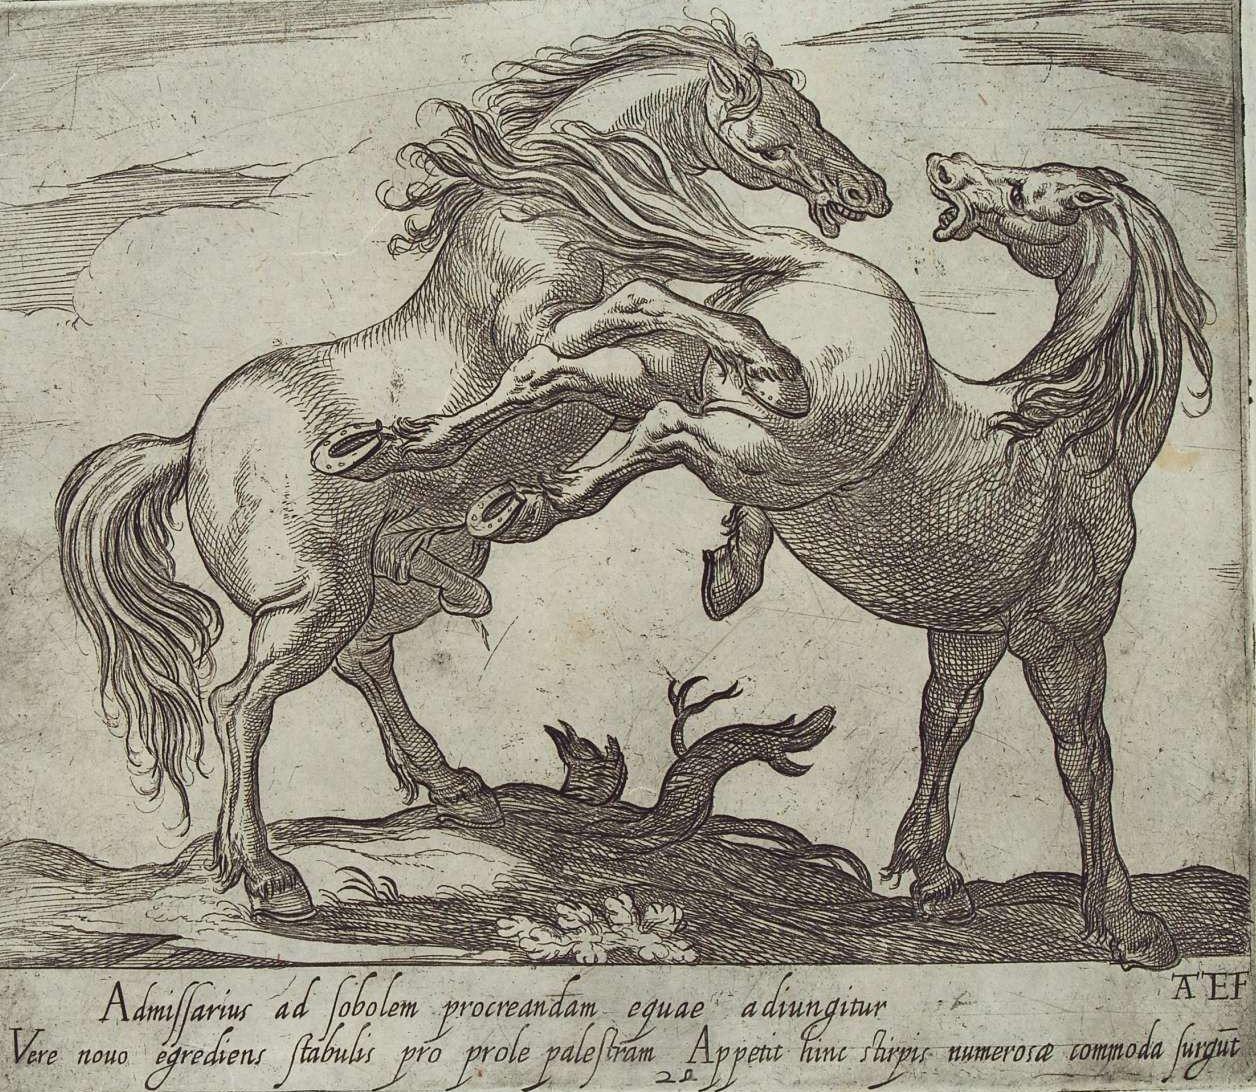 C'è qualcosa di primordiale nei potenti istinti che dominano il cavallo. Antonio Tempesta, Stallone che aggredisce una giumenta, 1590.